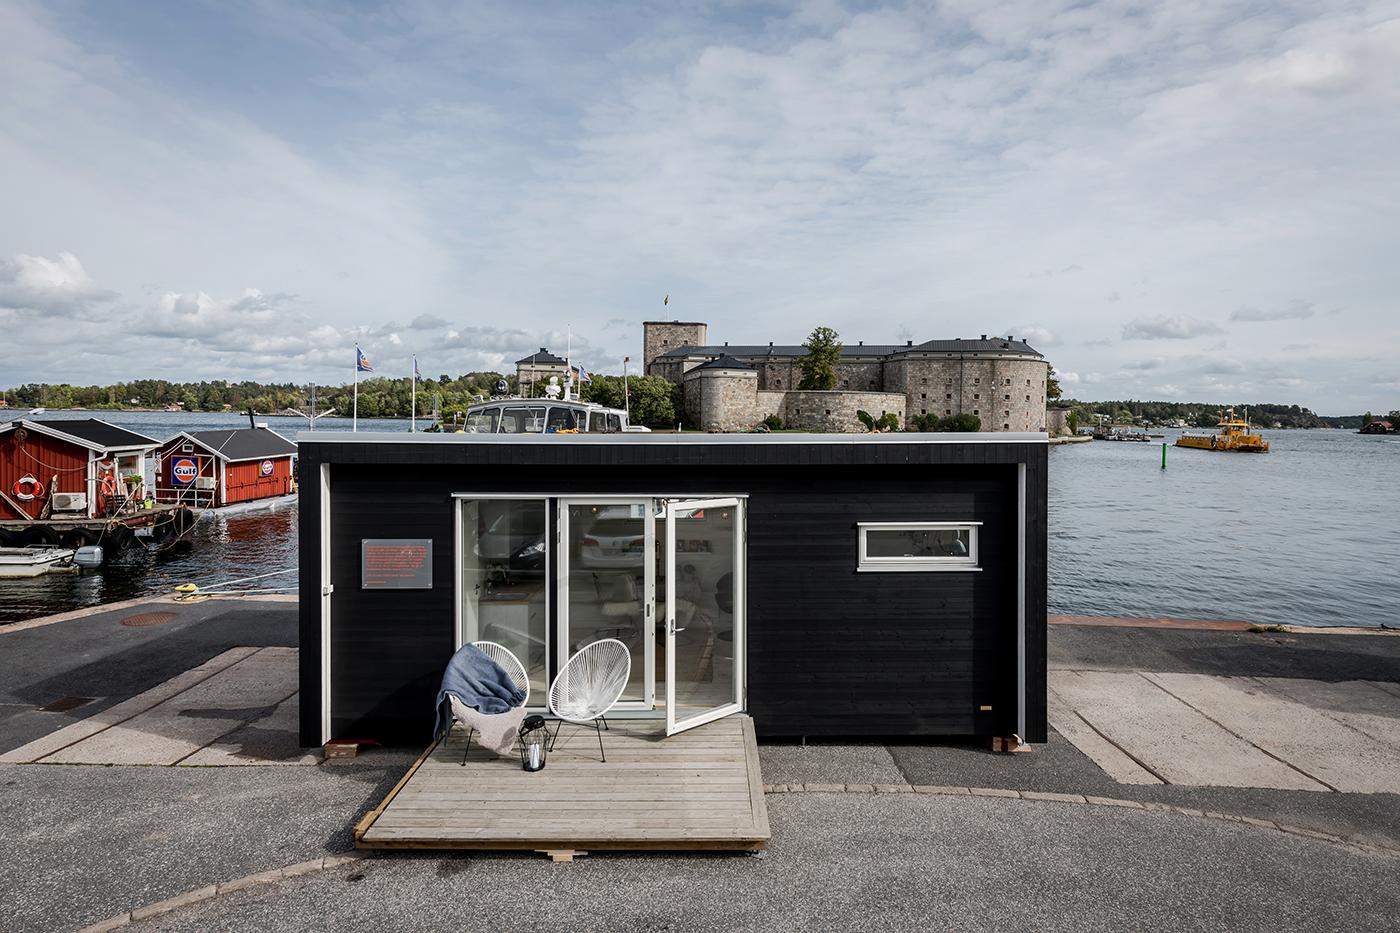 Höstvisning i Åkersberga den 13 oktober